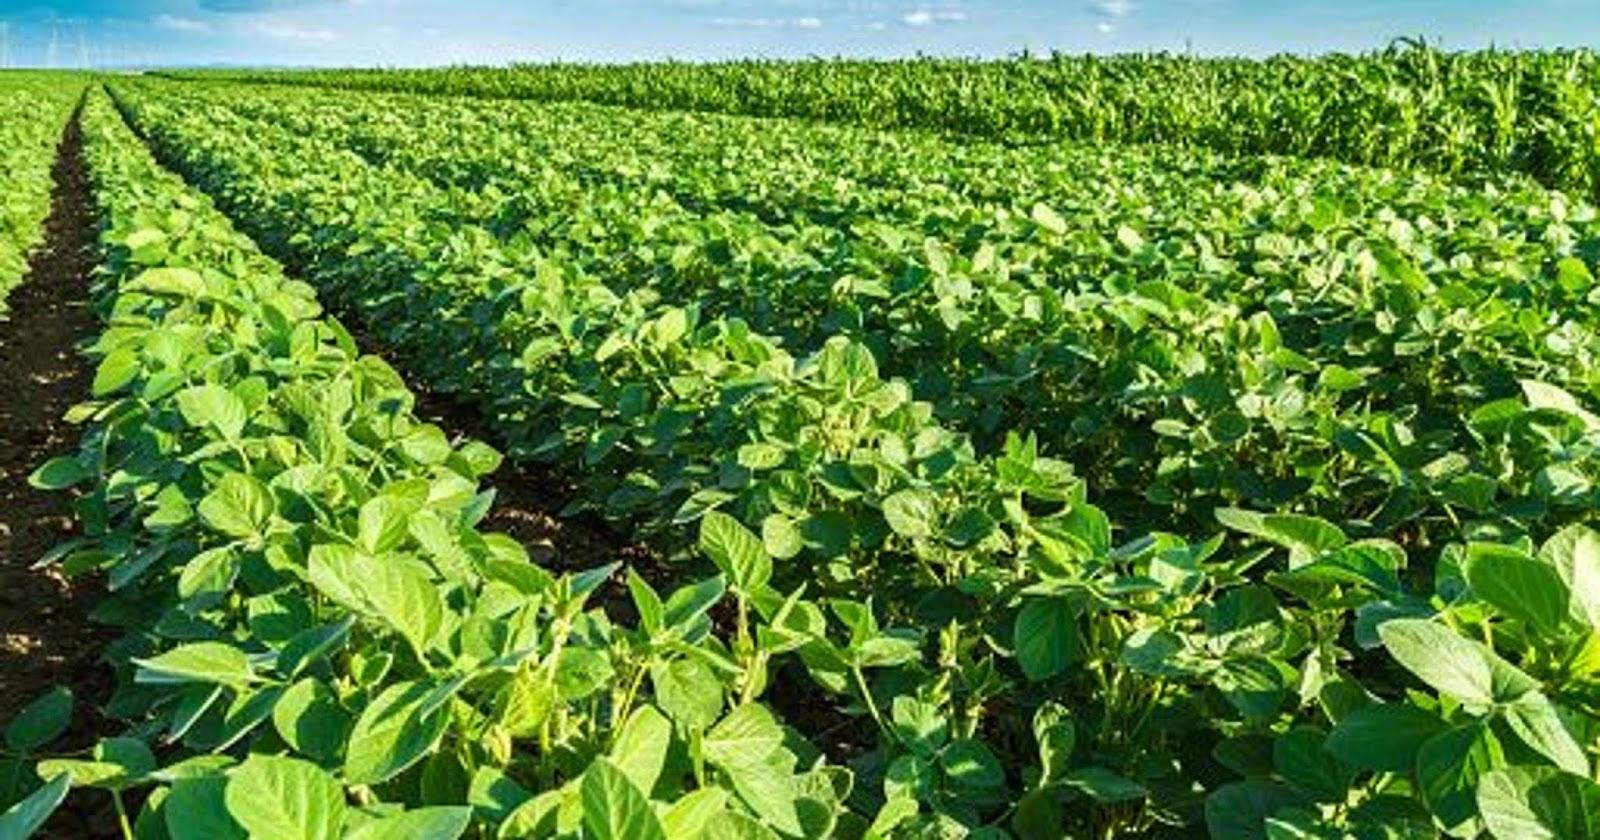 Soya Beans No 2 GMO, Non-GMO Grades Suppliers, Exporters